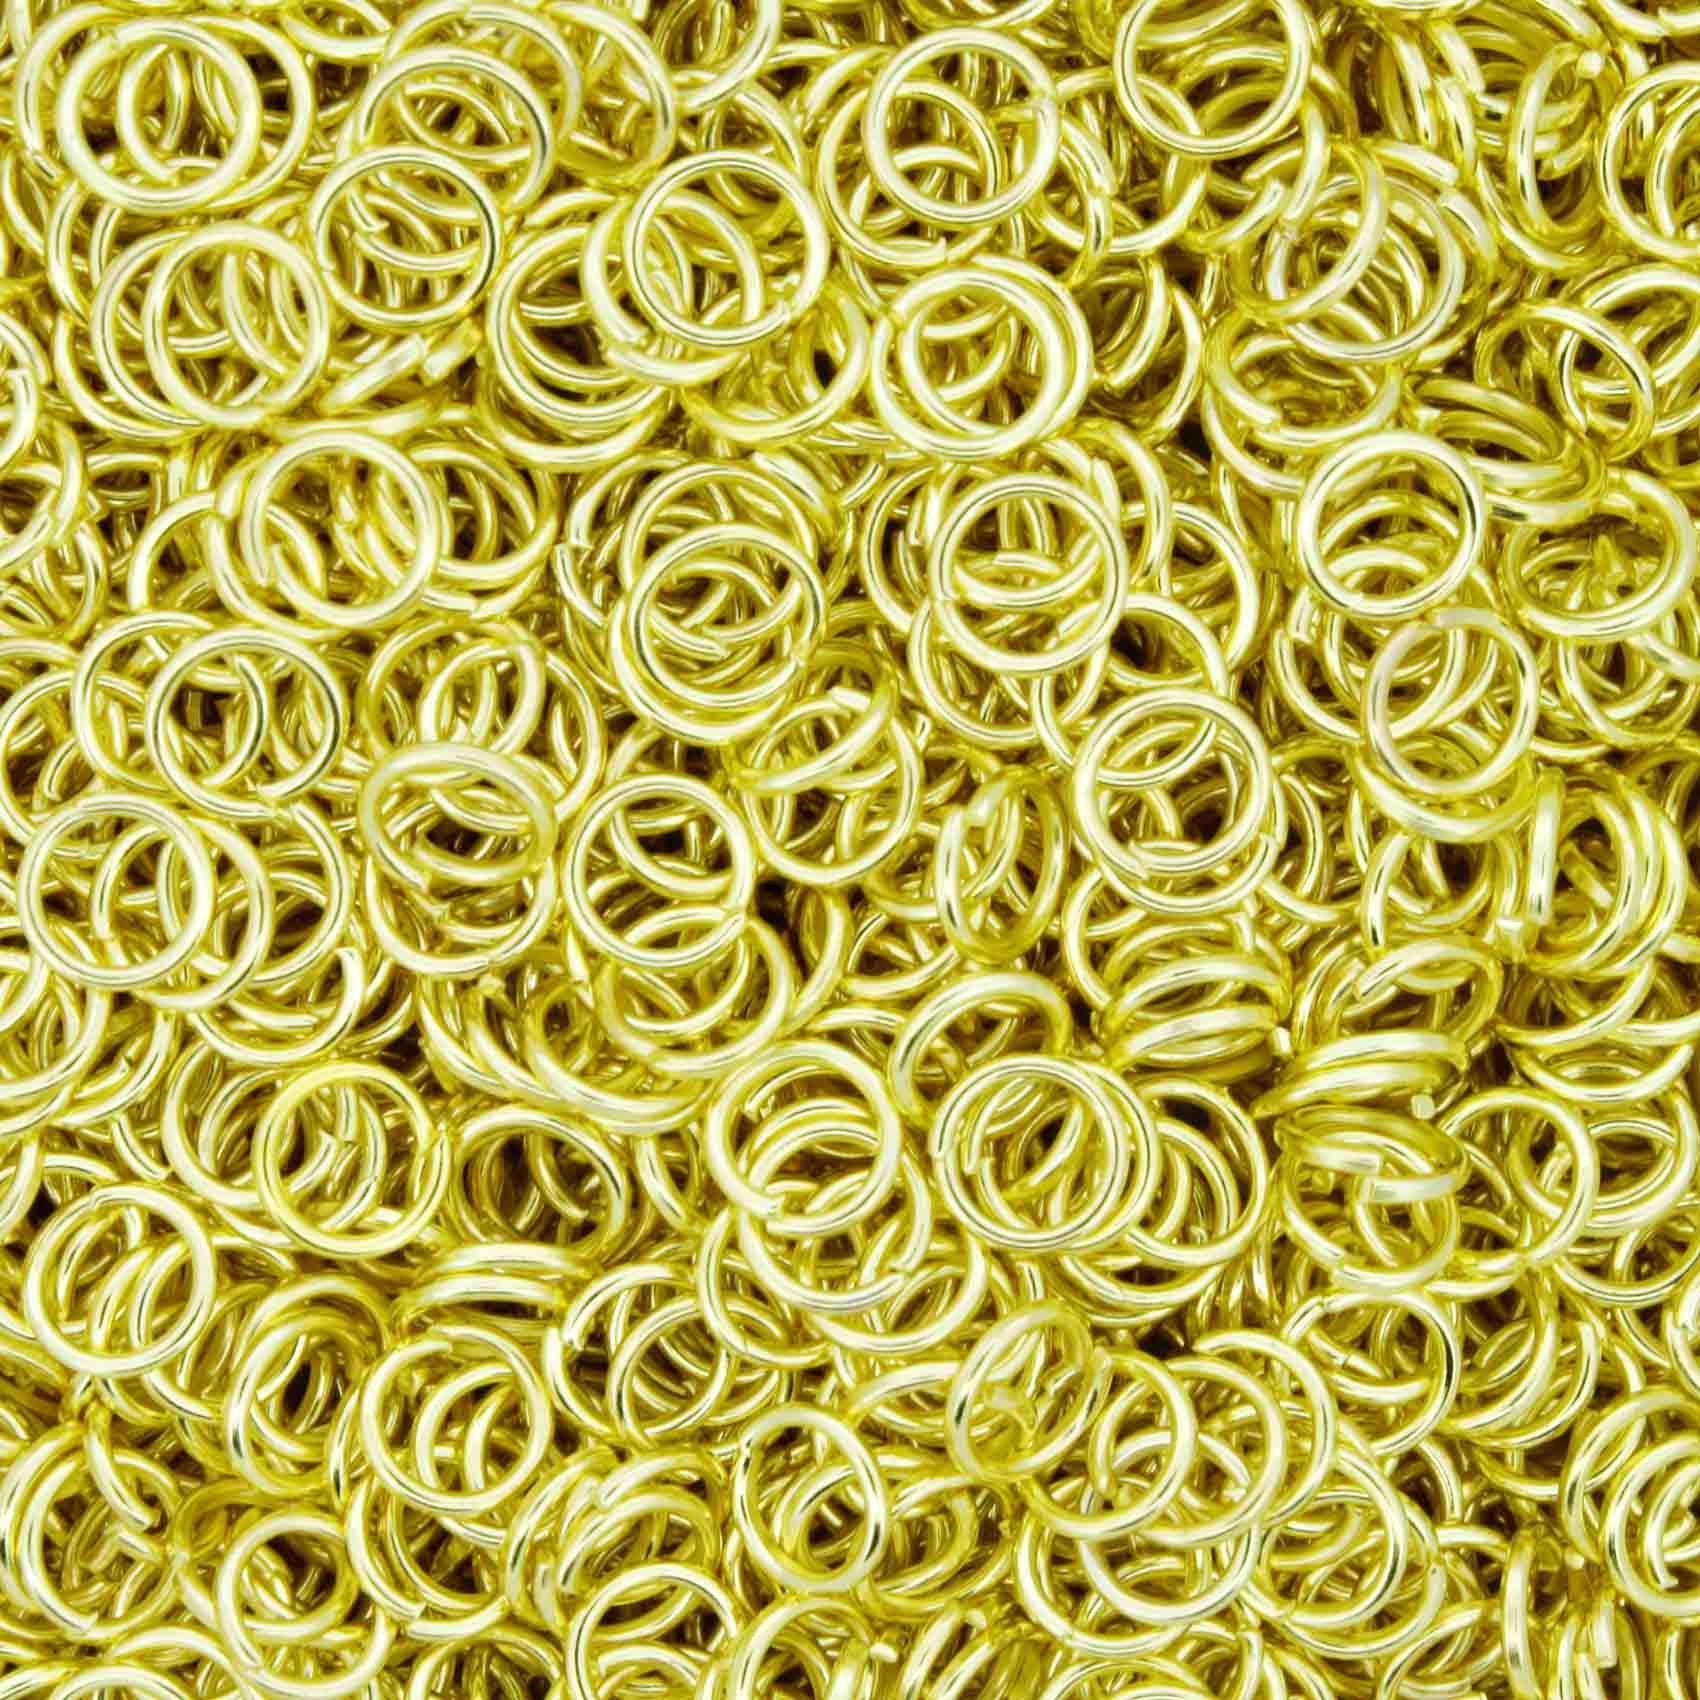 Argola p/ Montagem - Dourada - 5mm  - Stéphanie Bijoux® - Peças para Bijuterias e Artesanato